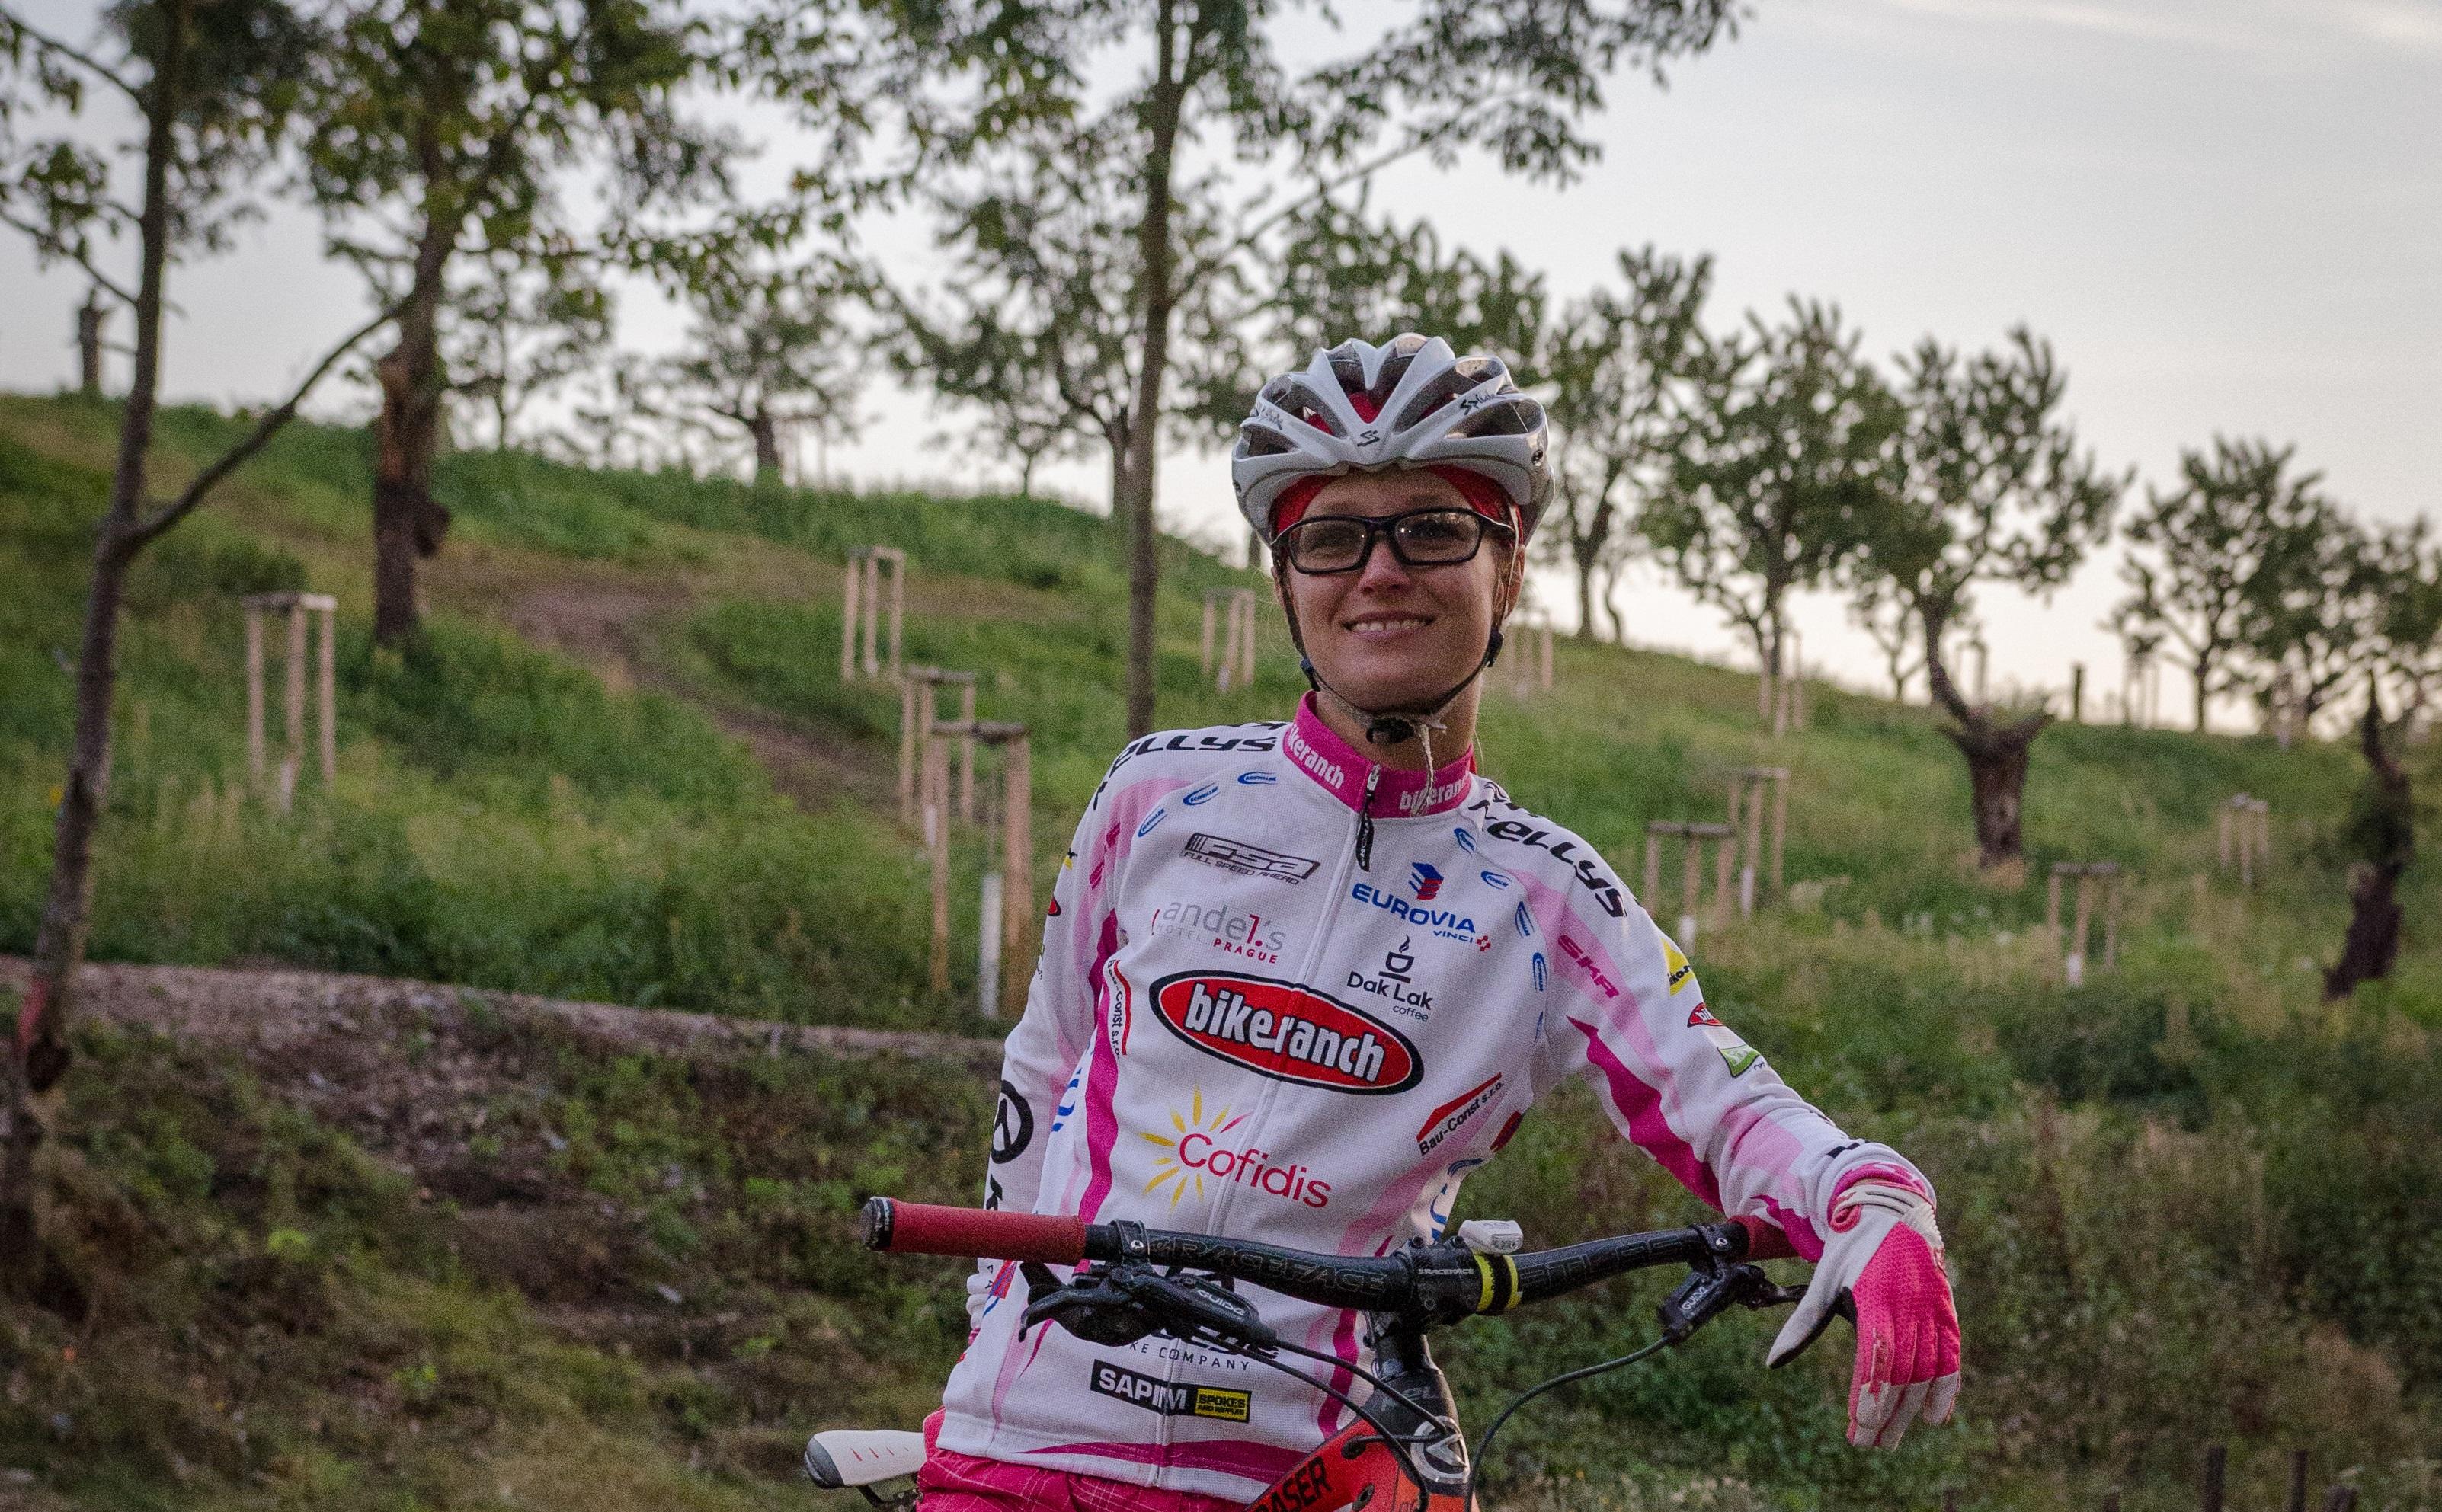 Zuzka Schedova